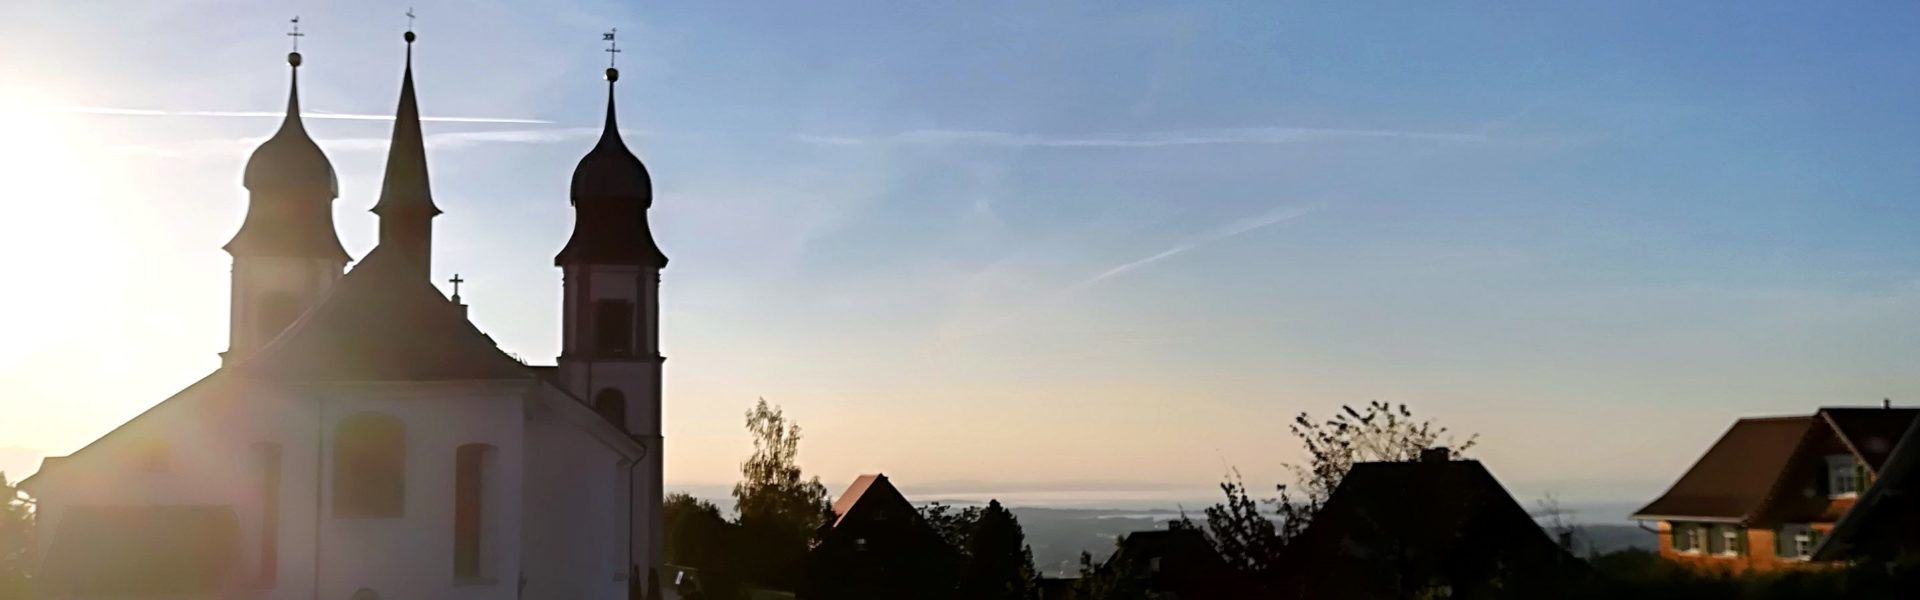 Basilika Bildstein, Wallfahrtskirche, Pilgerweg (c) CS / Vorarlberg Tourismus GmbH